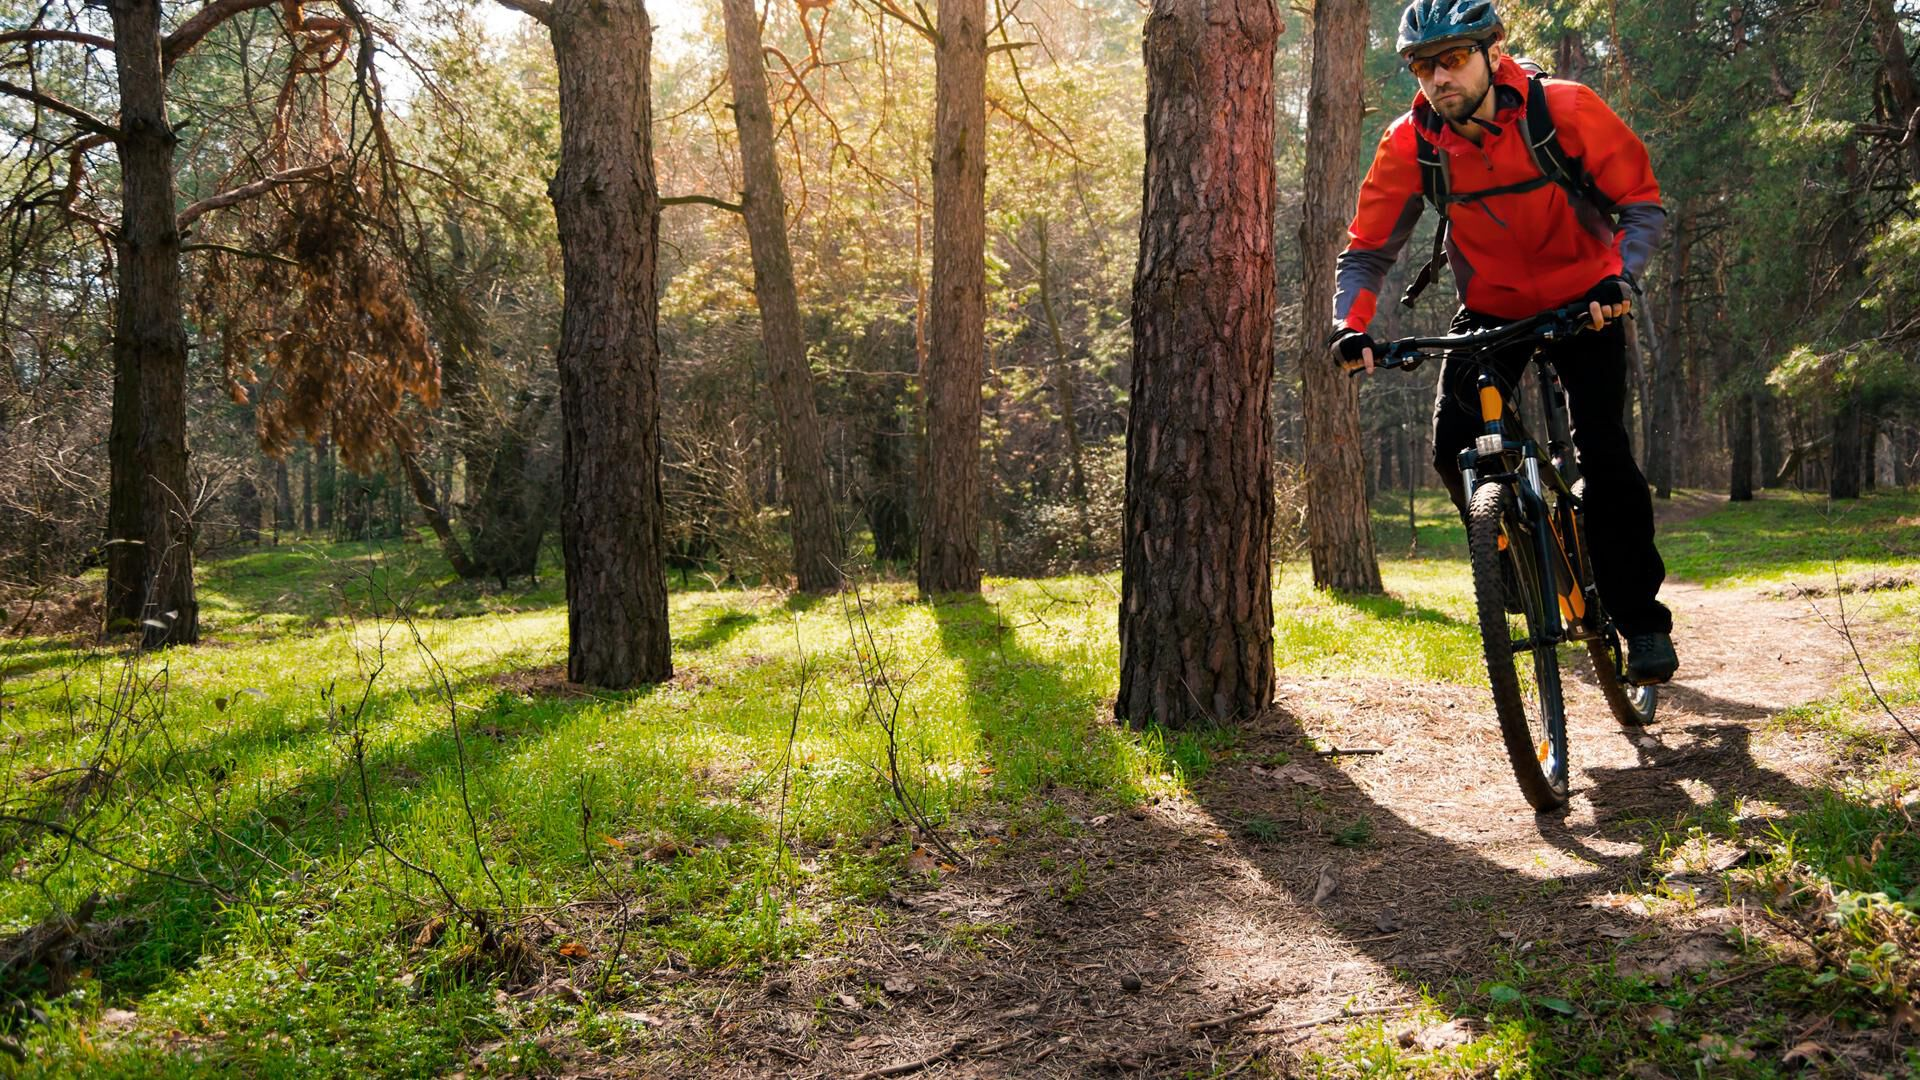 Näin valitset aurinkolasit pyöräilyyn